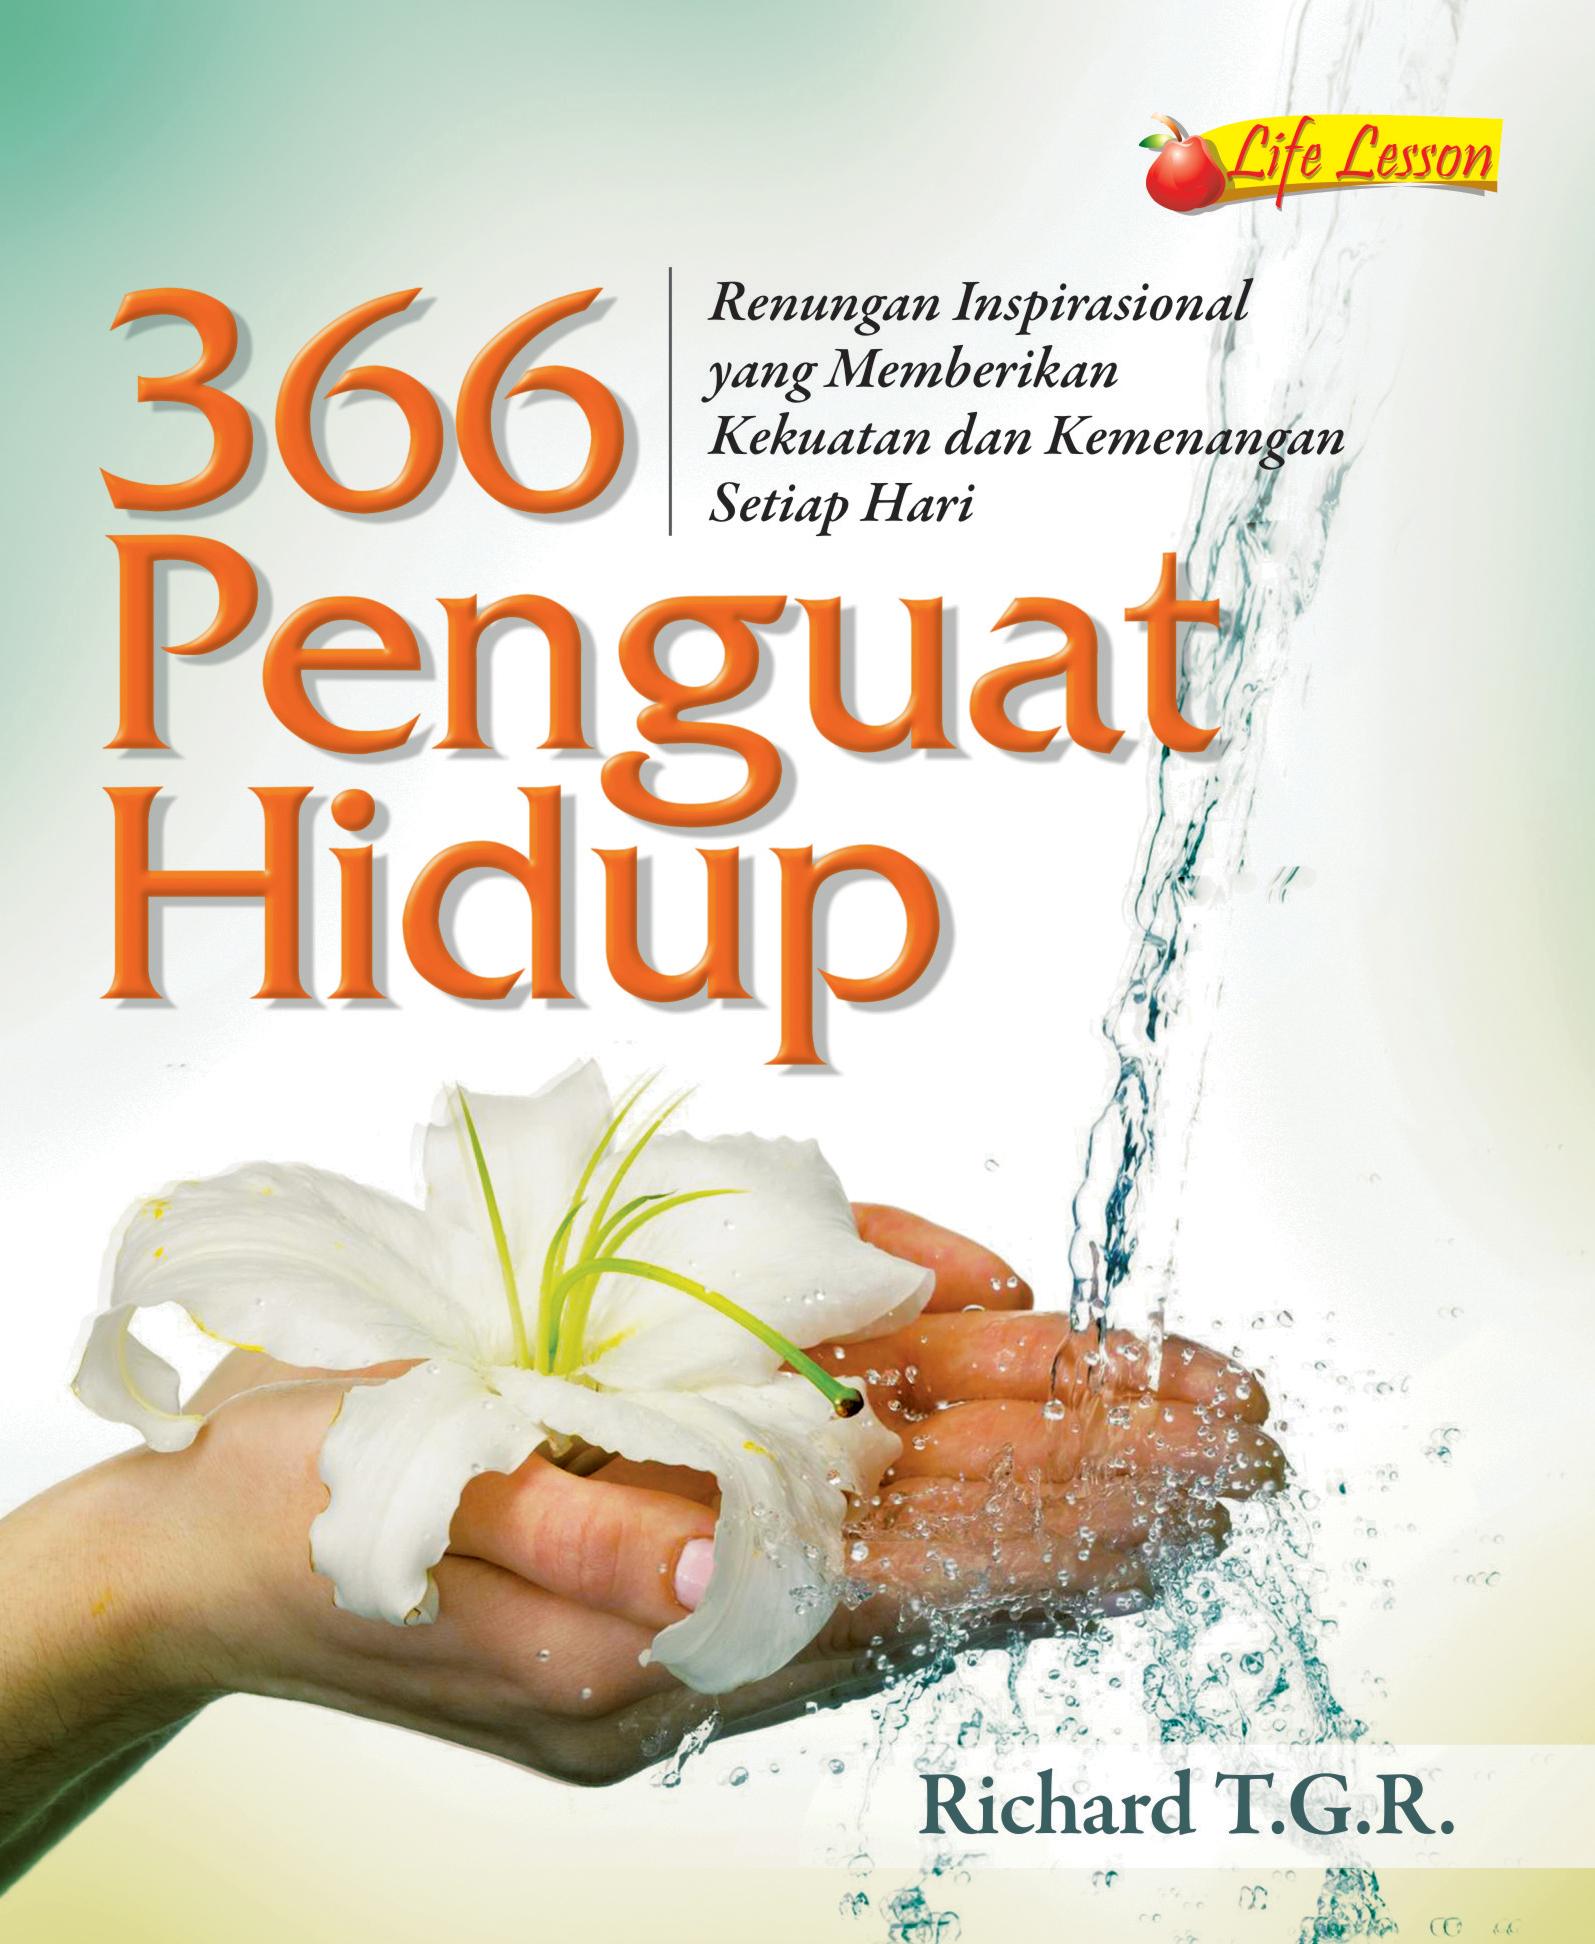 366 penguat hidup, renungan inspirasional yang memberikan kekuatan dan kemenangan setiap hari [sumber elektronis]